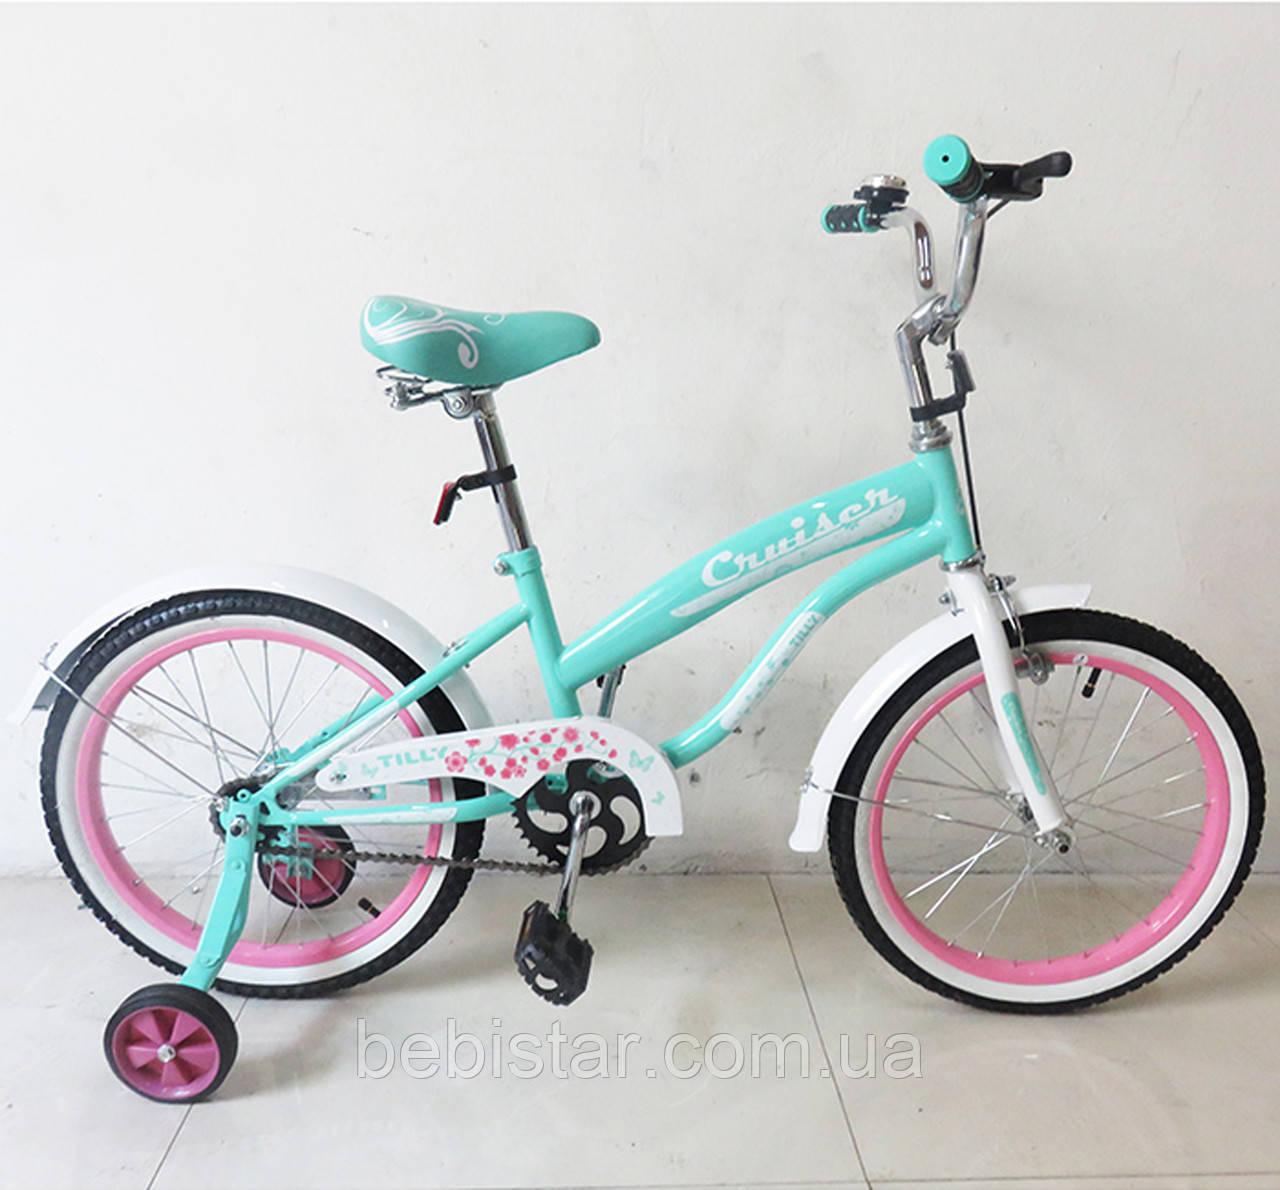 """Детский двухколесный велосипед TILLY 18"""" T-21832 для деток 5-7 лет, бирюзовый"""